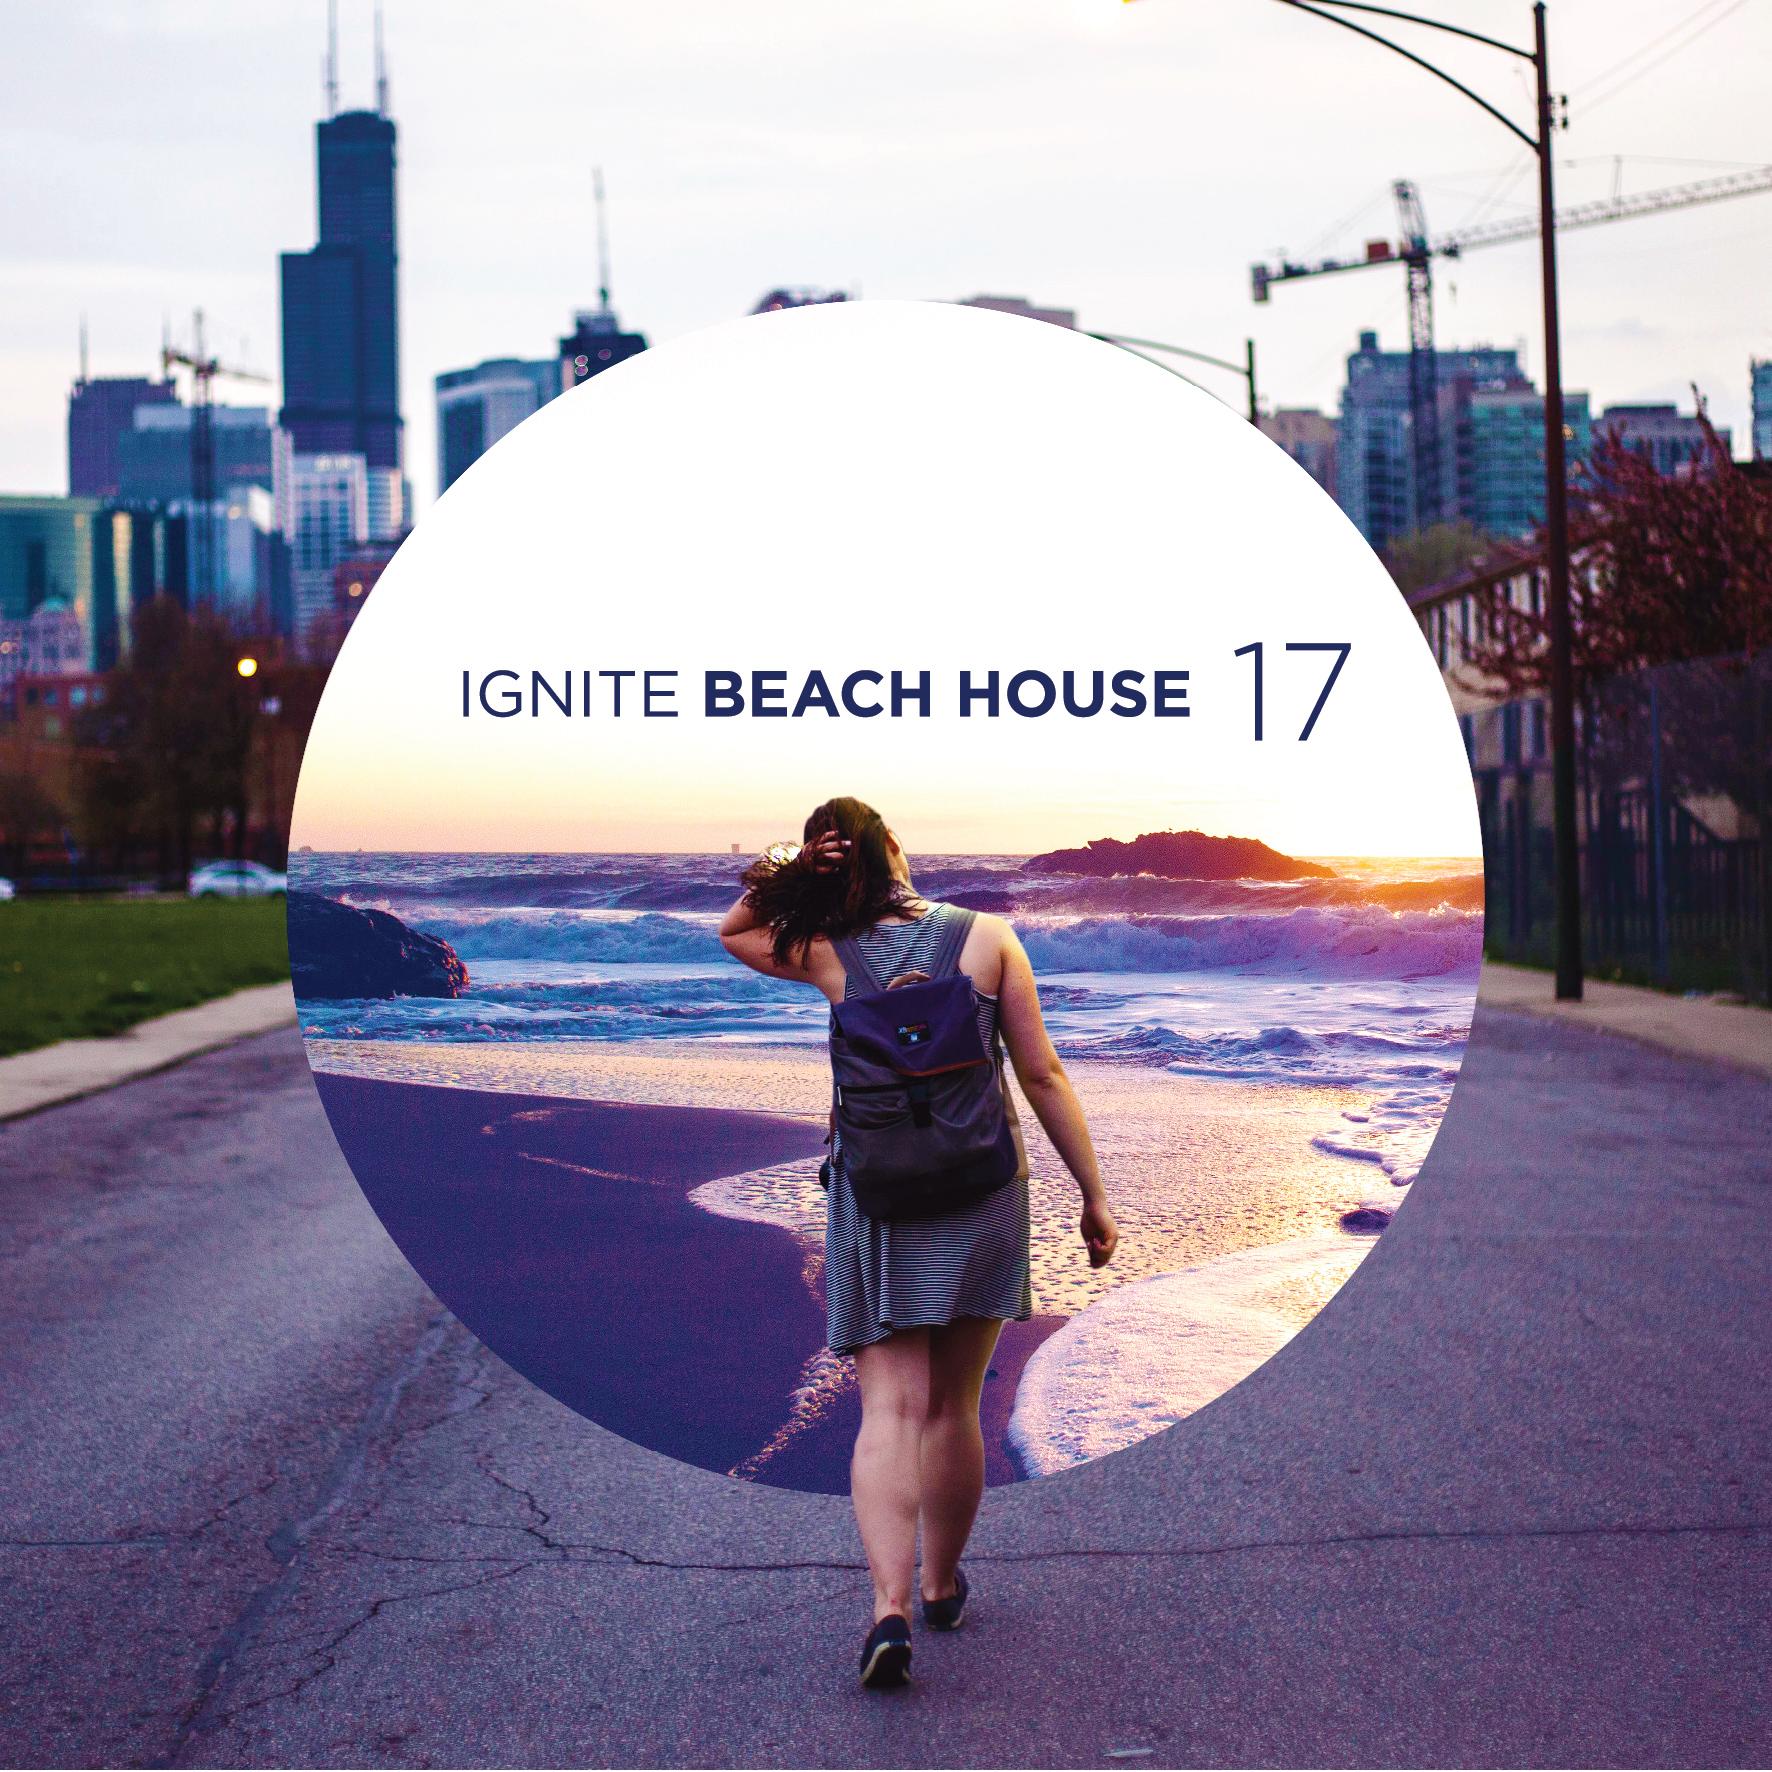 Ignite Beach House 2017 pic.jpg